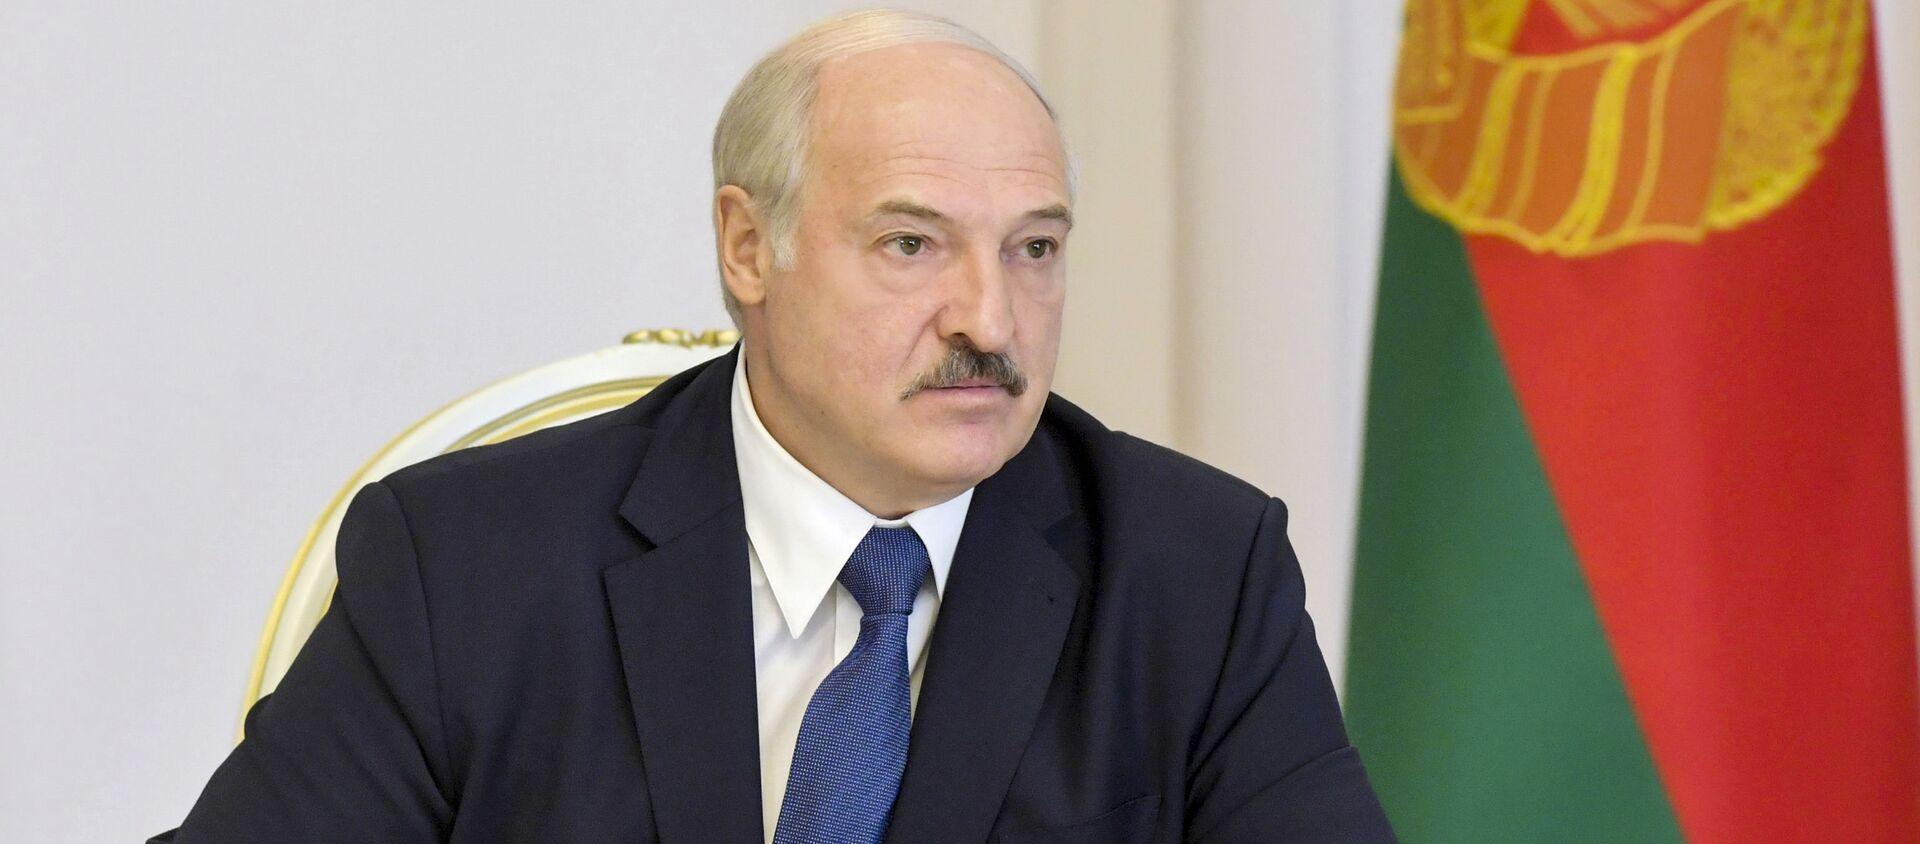 Tổng thống Belarus Alexander Lukashenko phát biểu tại Hội đồng Bảo an ở Minsk - Sputnik Việt Nam, 1920, 09.05.2021